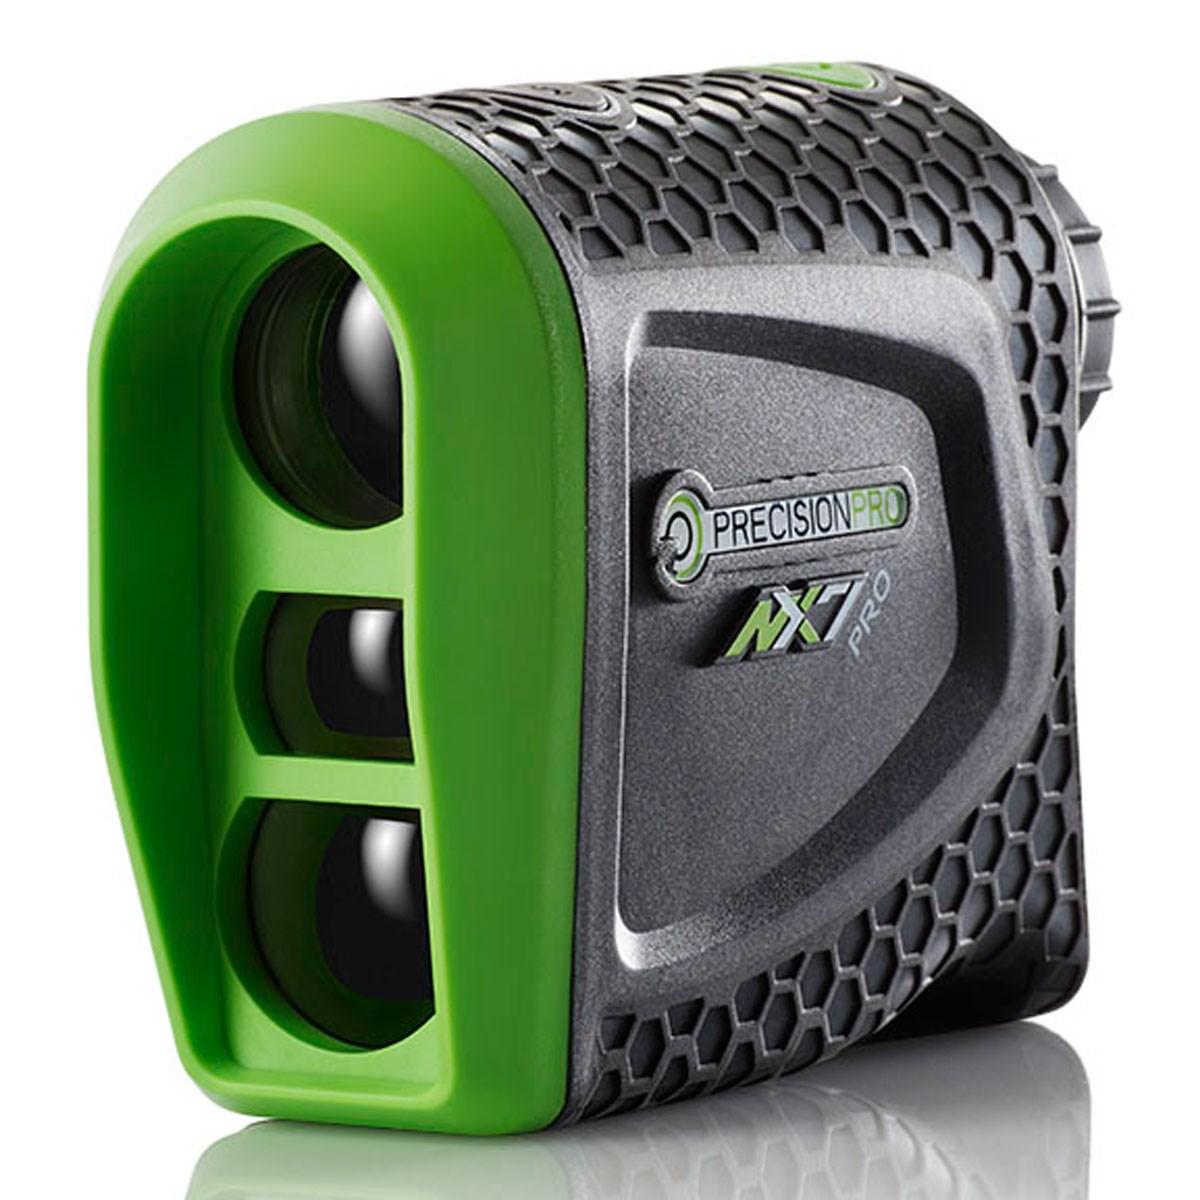 プレシジョン プロ PRECISION PRO NX7 Pro Slope ブラック